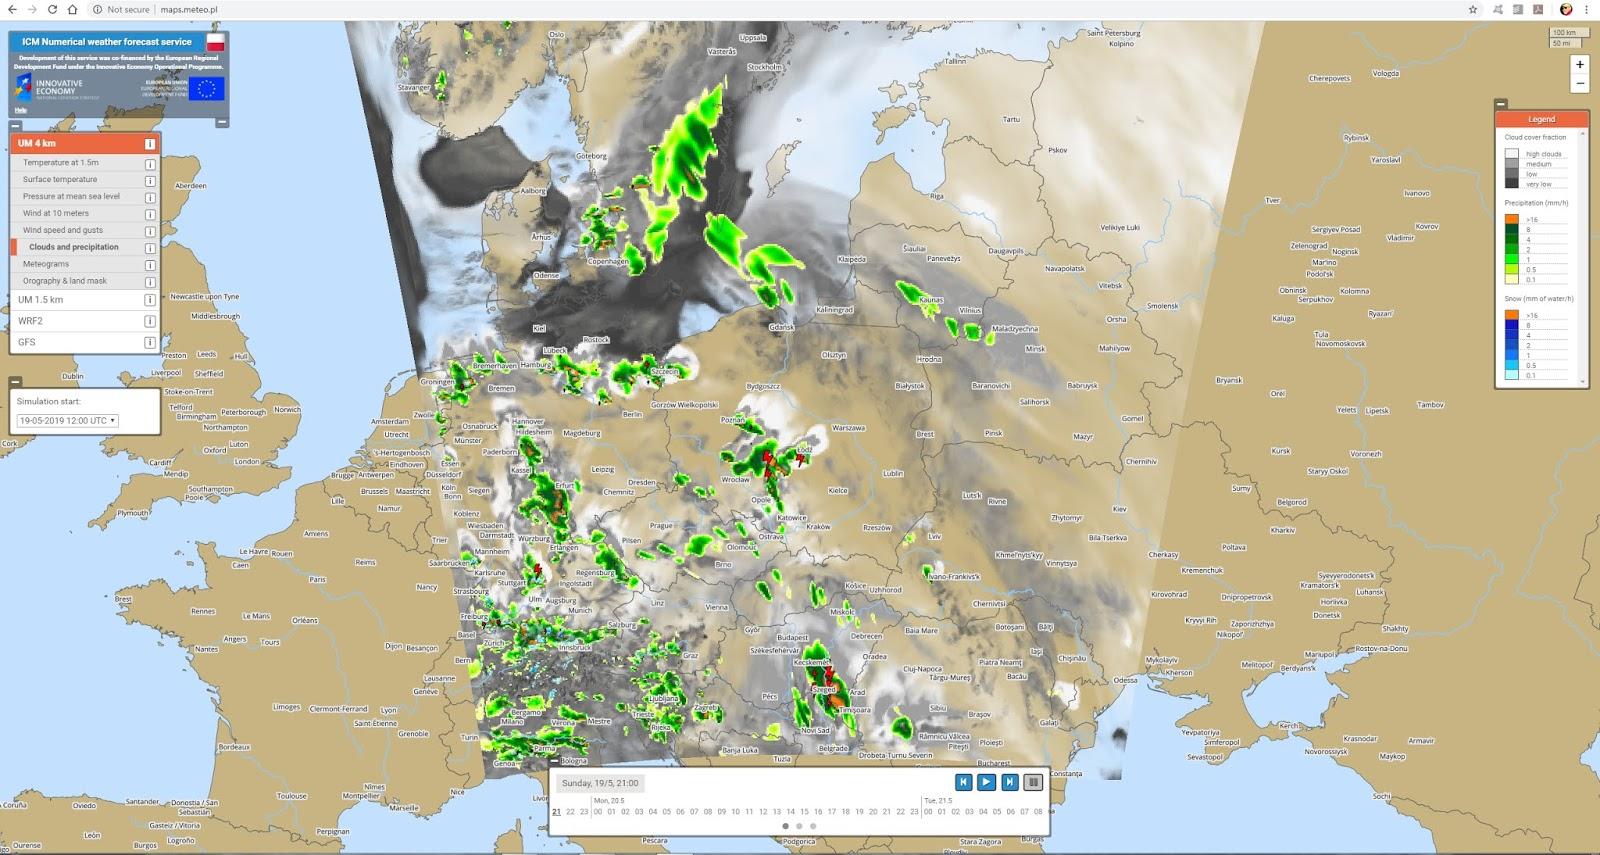 W-wa Jeziorki: The Day the Forecasters got it Wrong